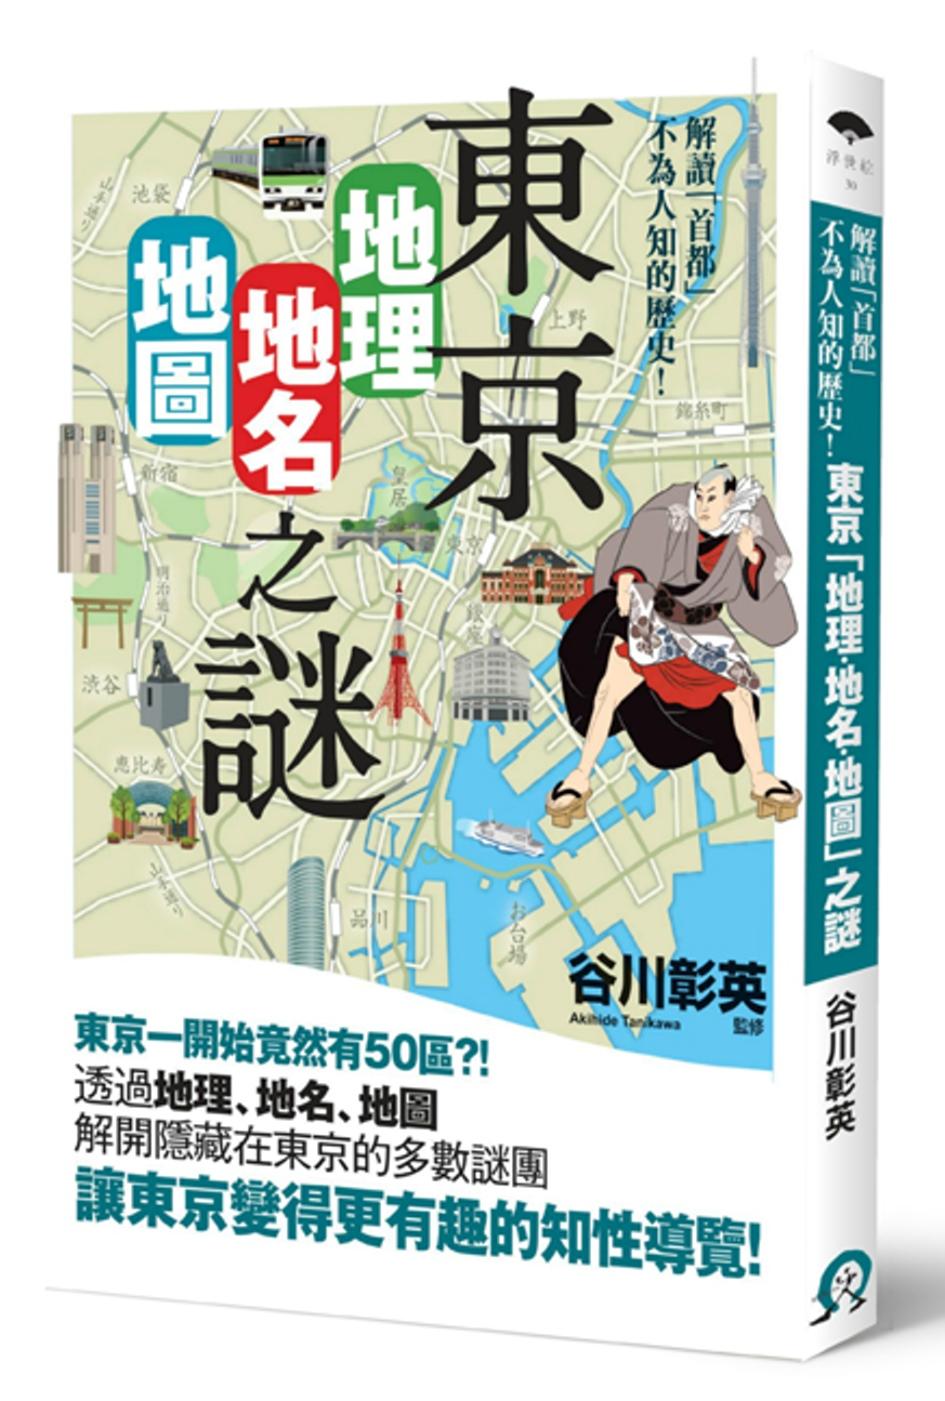 東京「地理‧地名‧地圖」之謎:解讀不為人知的「首都」歷史!